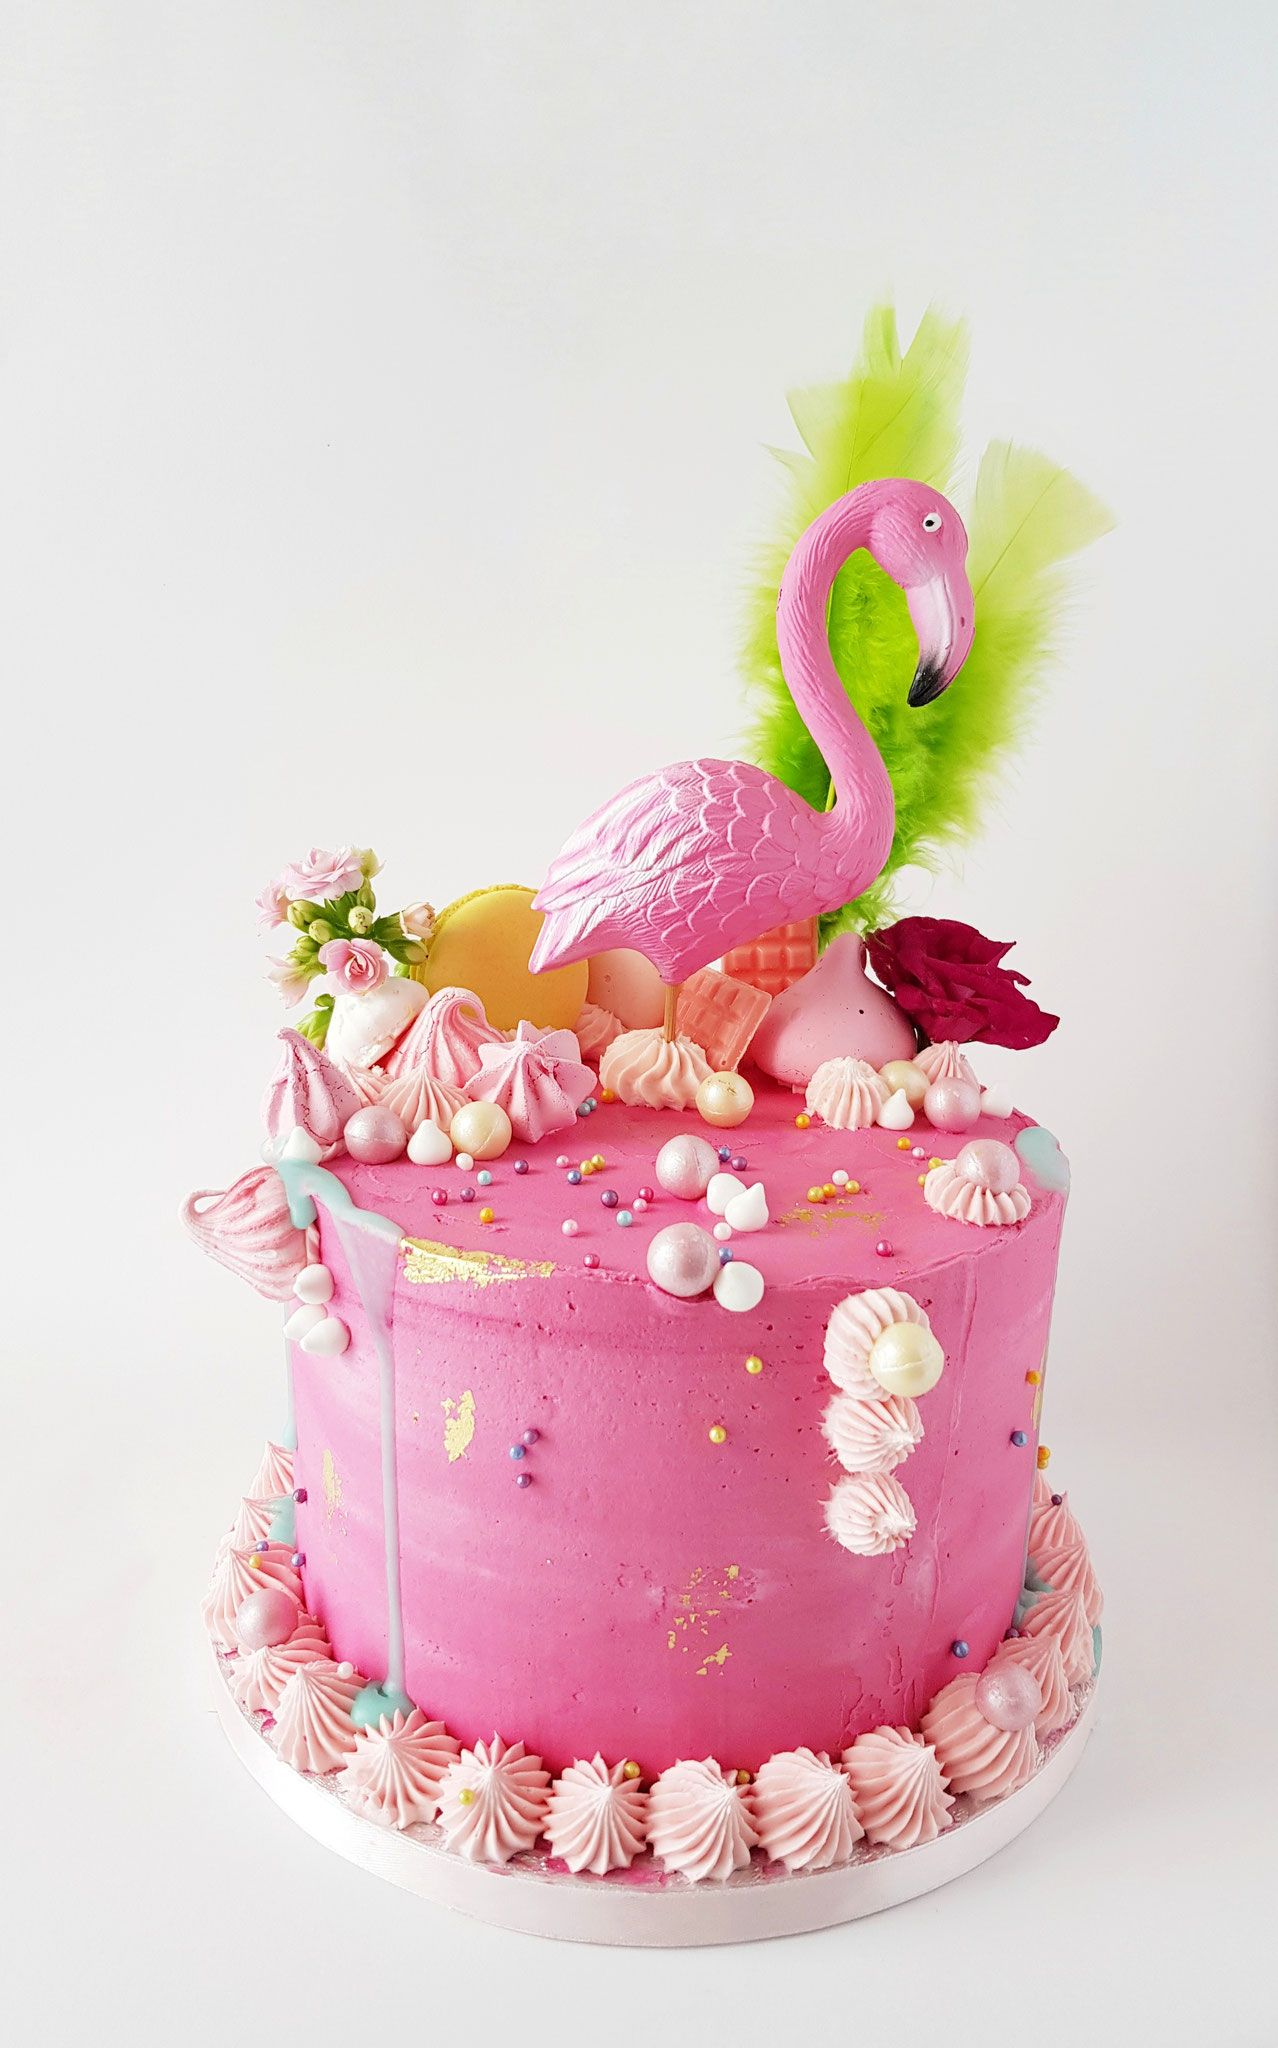 taart den bosch Flamingo Cake, Taart Den Bosch | Drip Cakes | Pinterest | Flamingo  taart den bosch